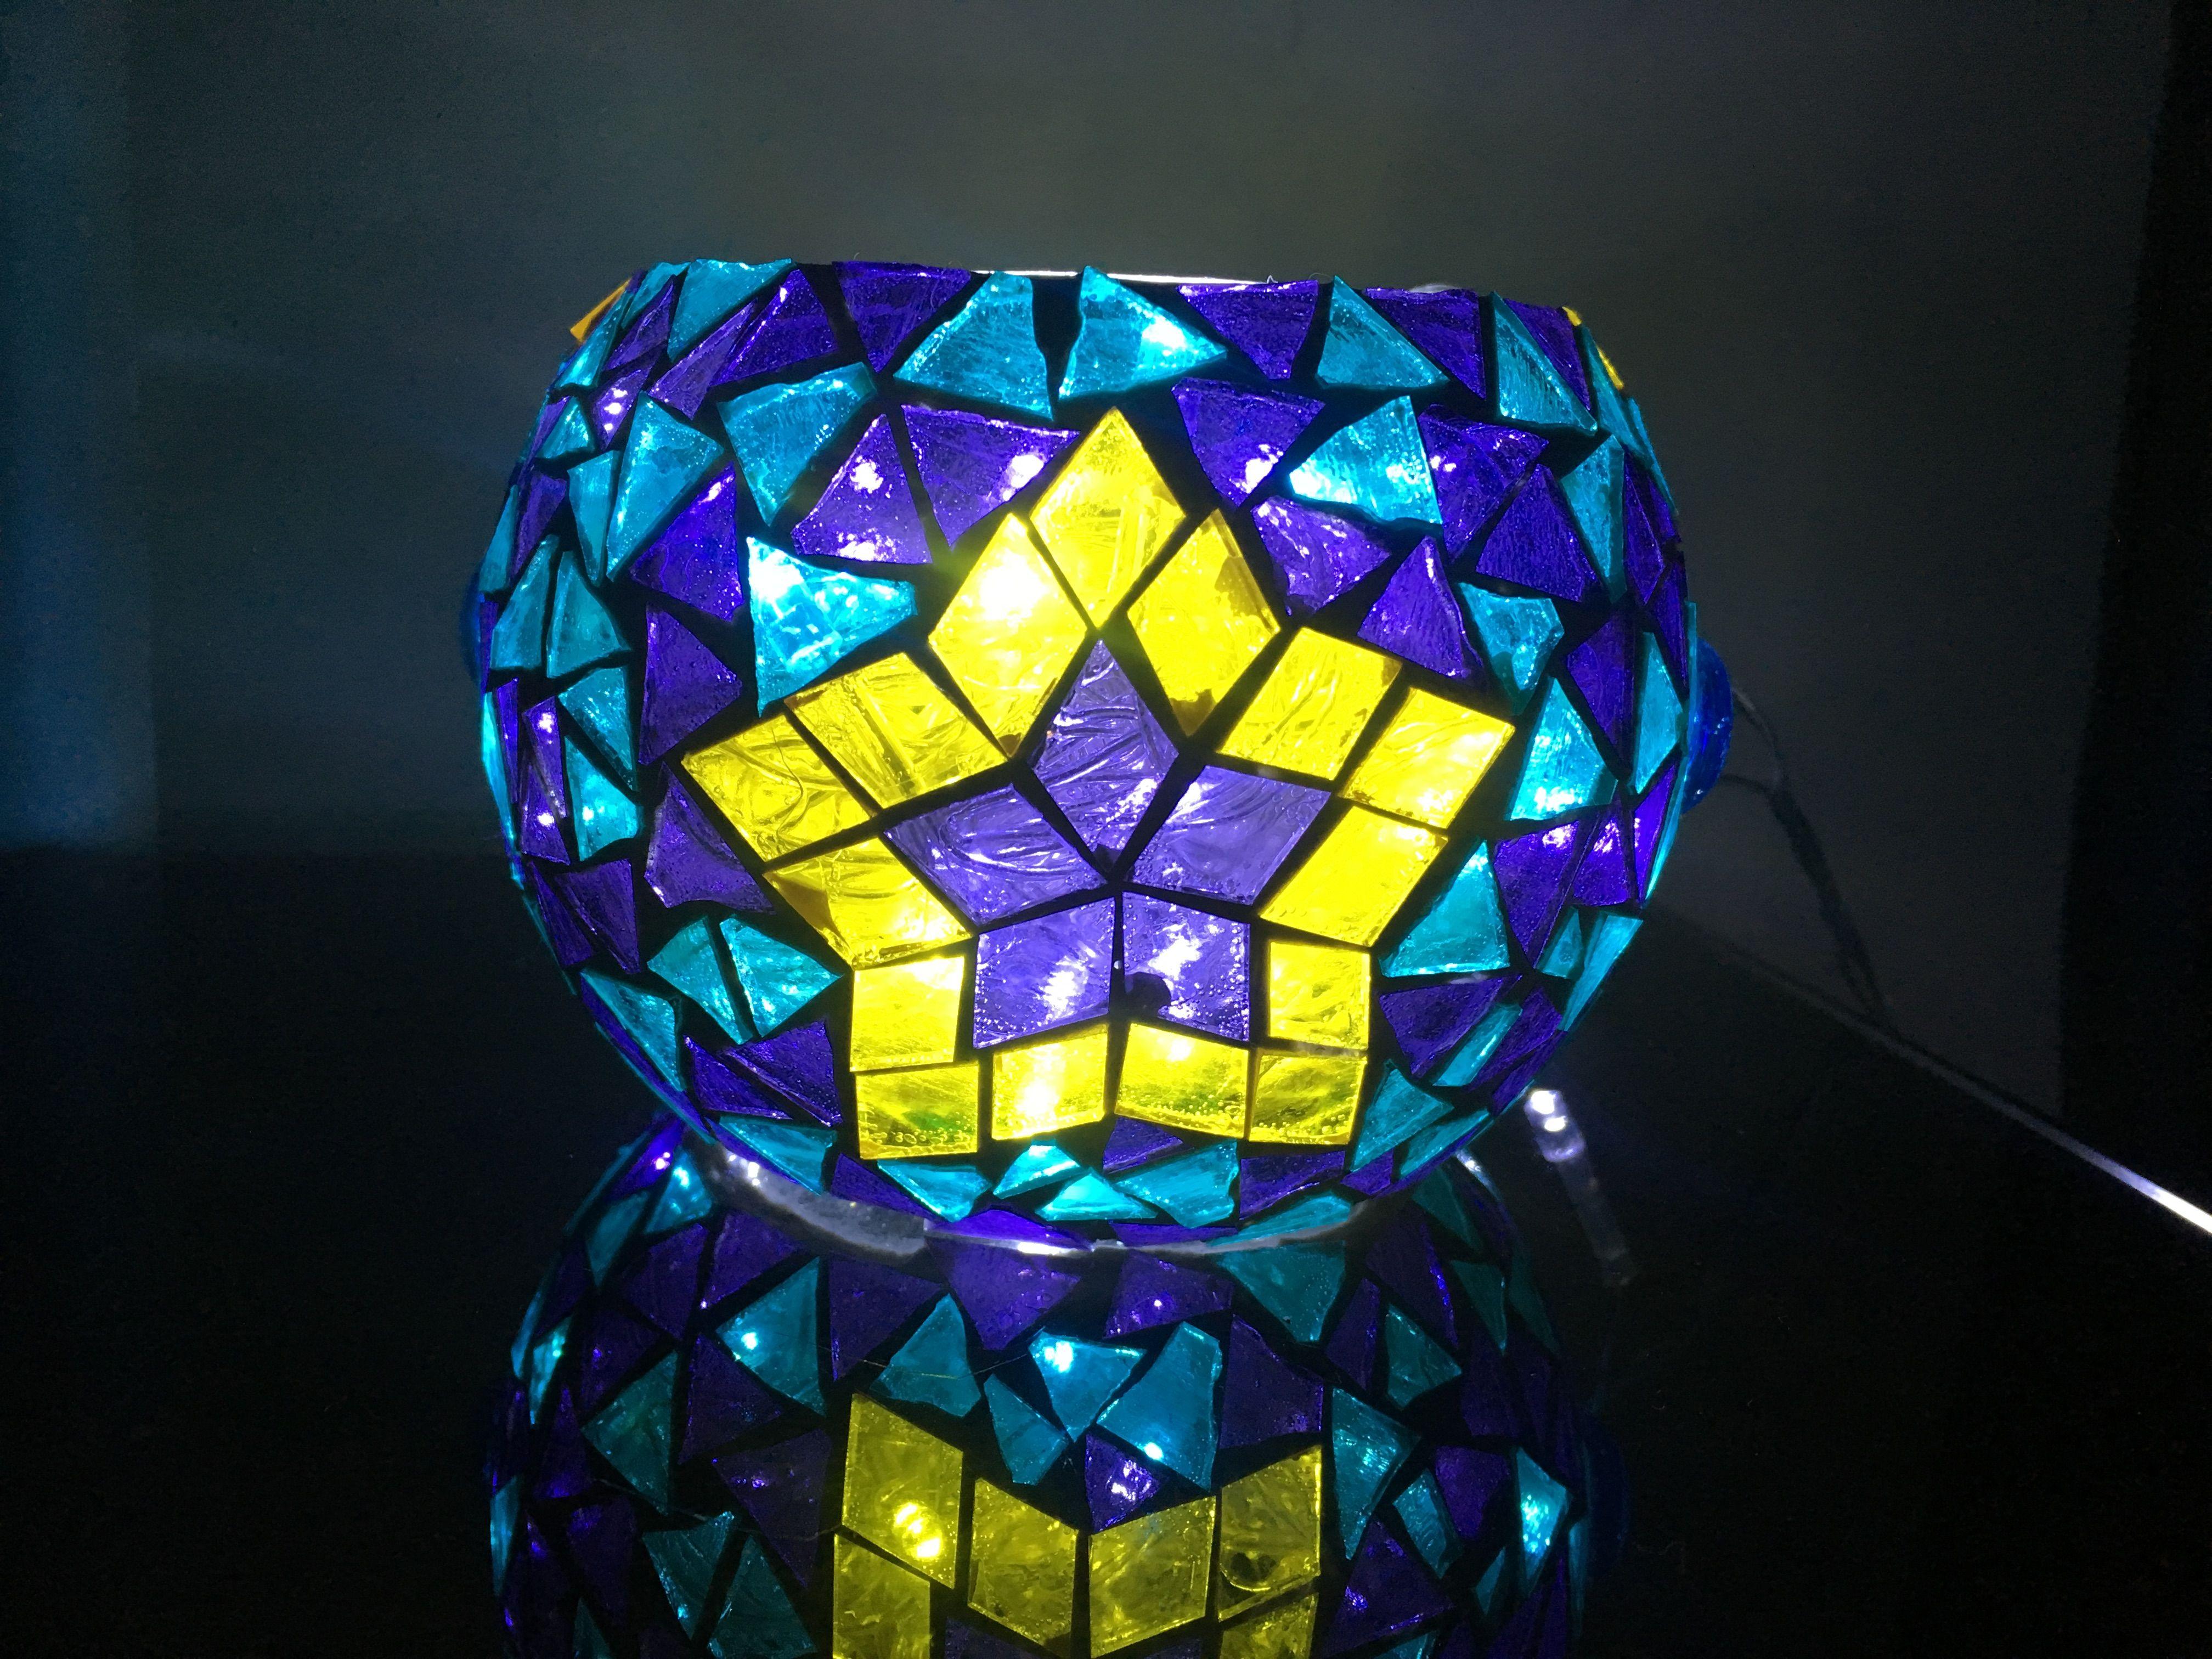 qianele Portavelas de Vidrio Mosaico Portavelas de t/é Luz rom/ántica Portavelas de luz de t/é Decoraci/ón del hogar Prop